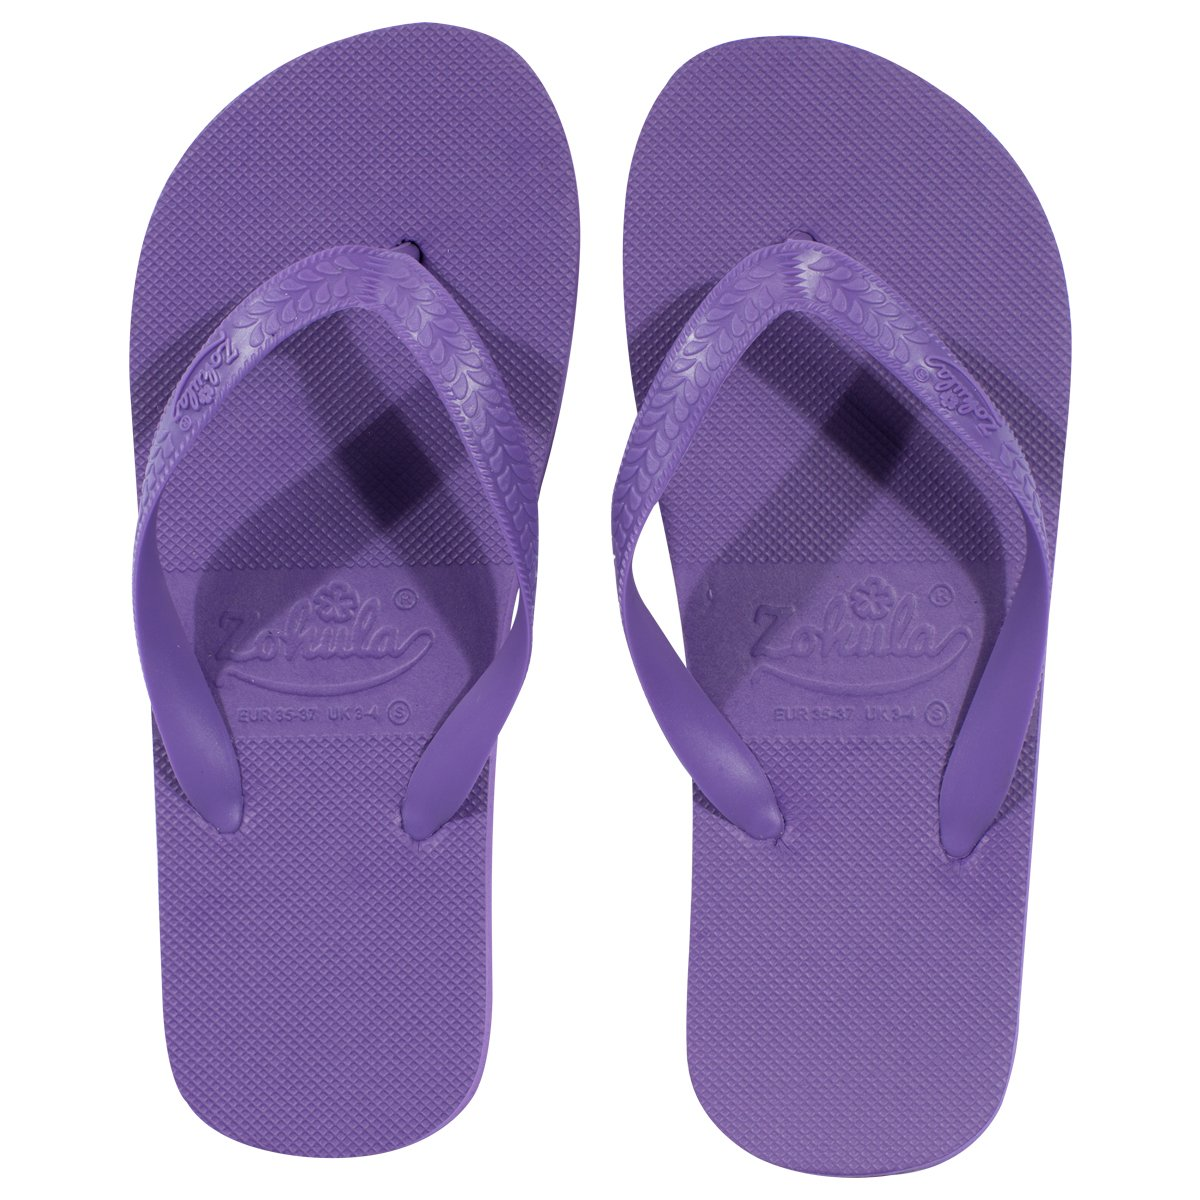 658defcae3b4 Zohula Originals Bulk Buy Flip Flops - 30 Pairs